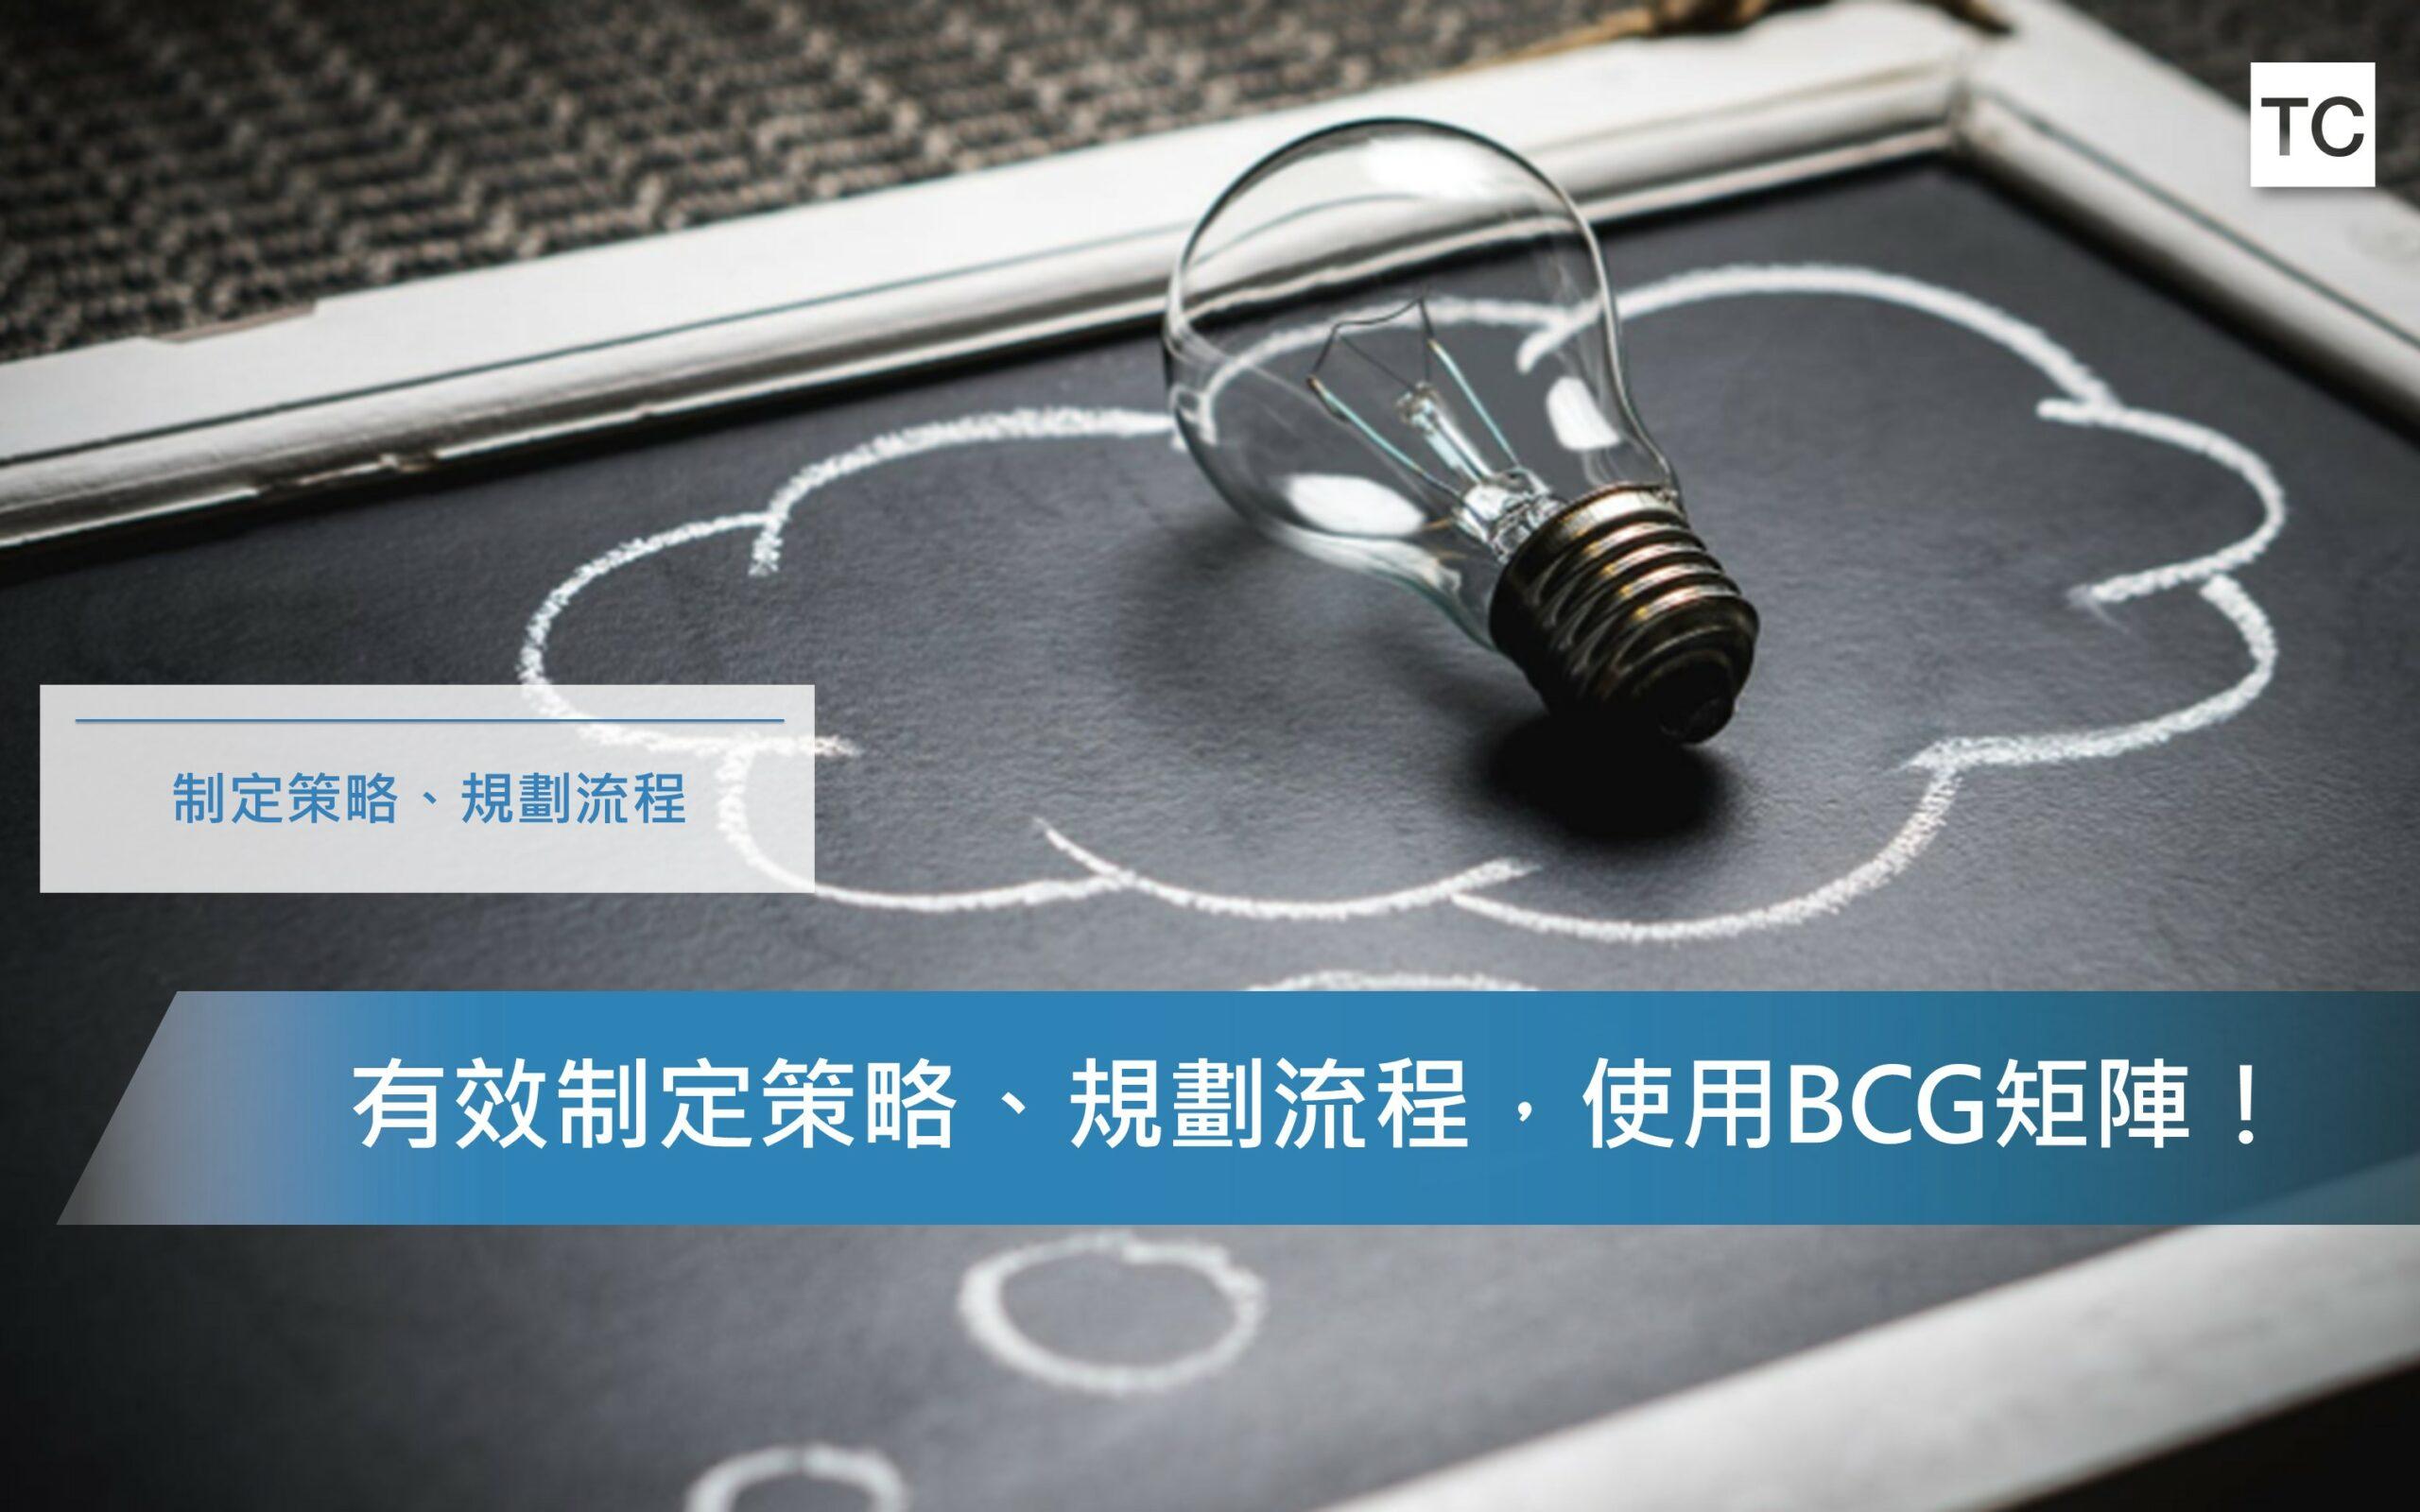 【專案管理BCG矩陣】如何透過BCG矩陣有效制定策略、規劃流程